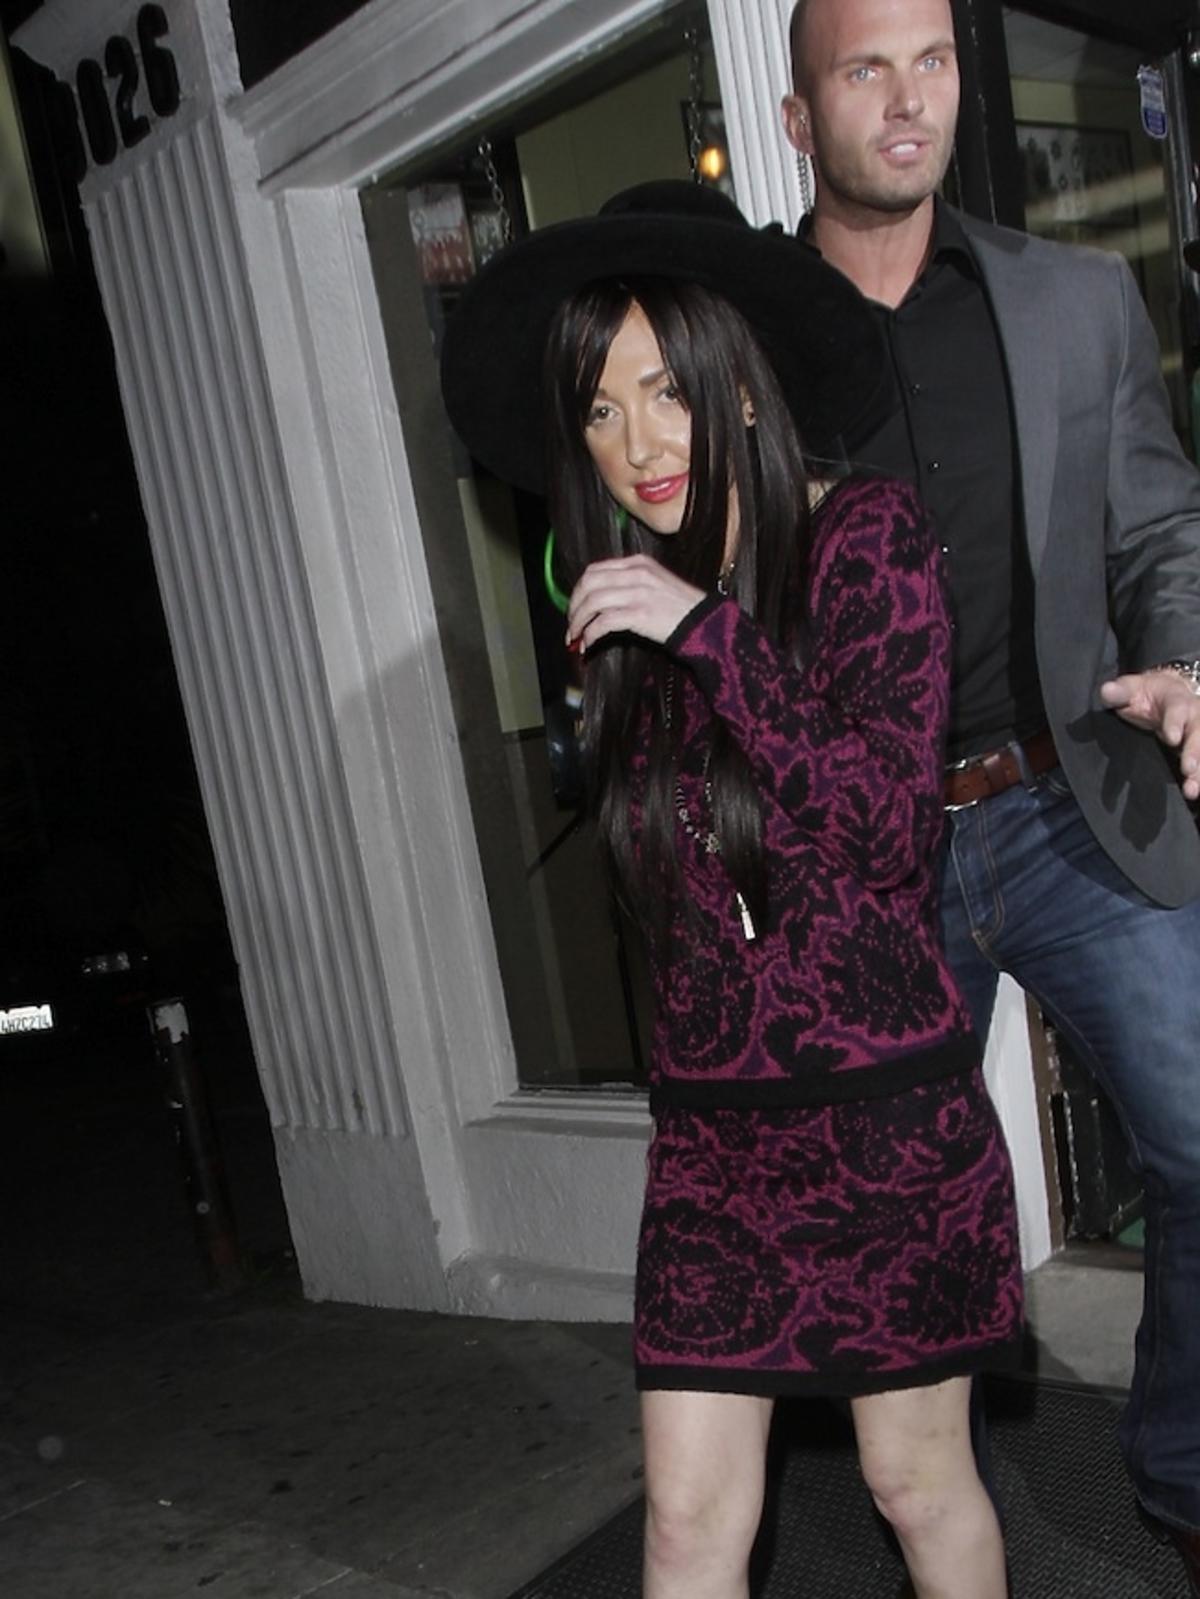 Siostra Lady Gagi. Lady Gaga's sister